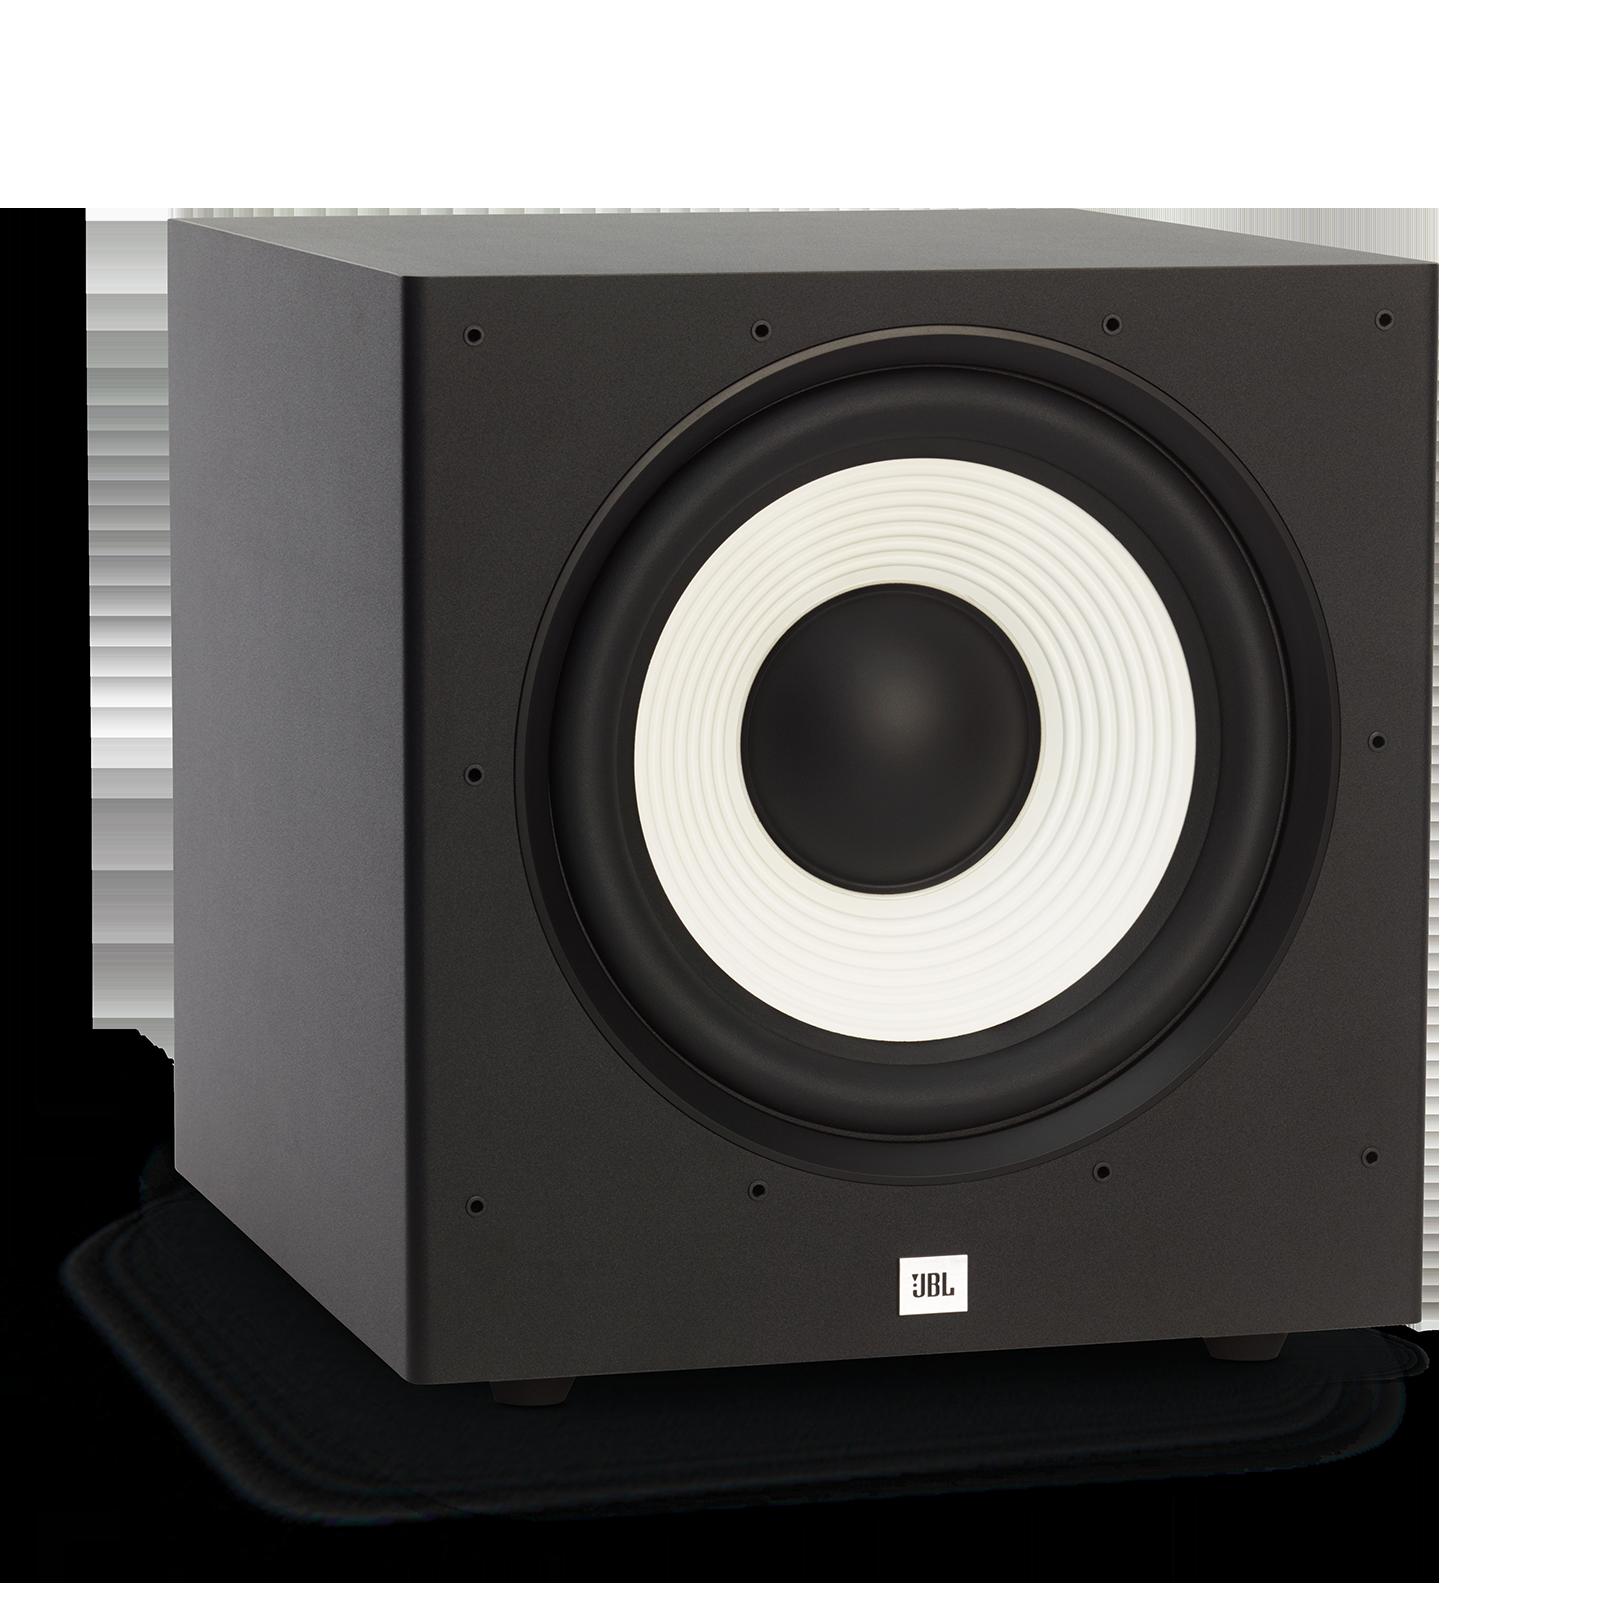 JBL Stage A120P - Black - Home Audio Loudspeaker System - Detailshot 1